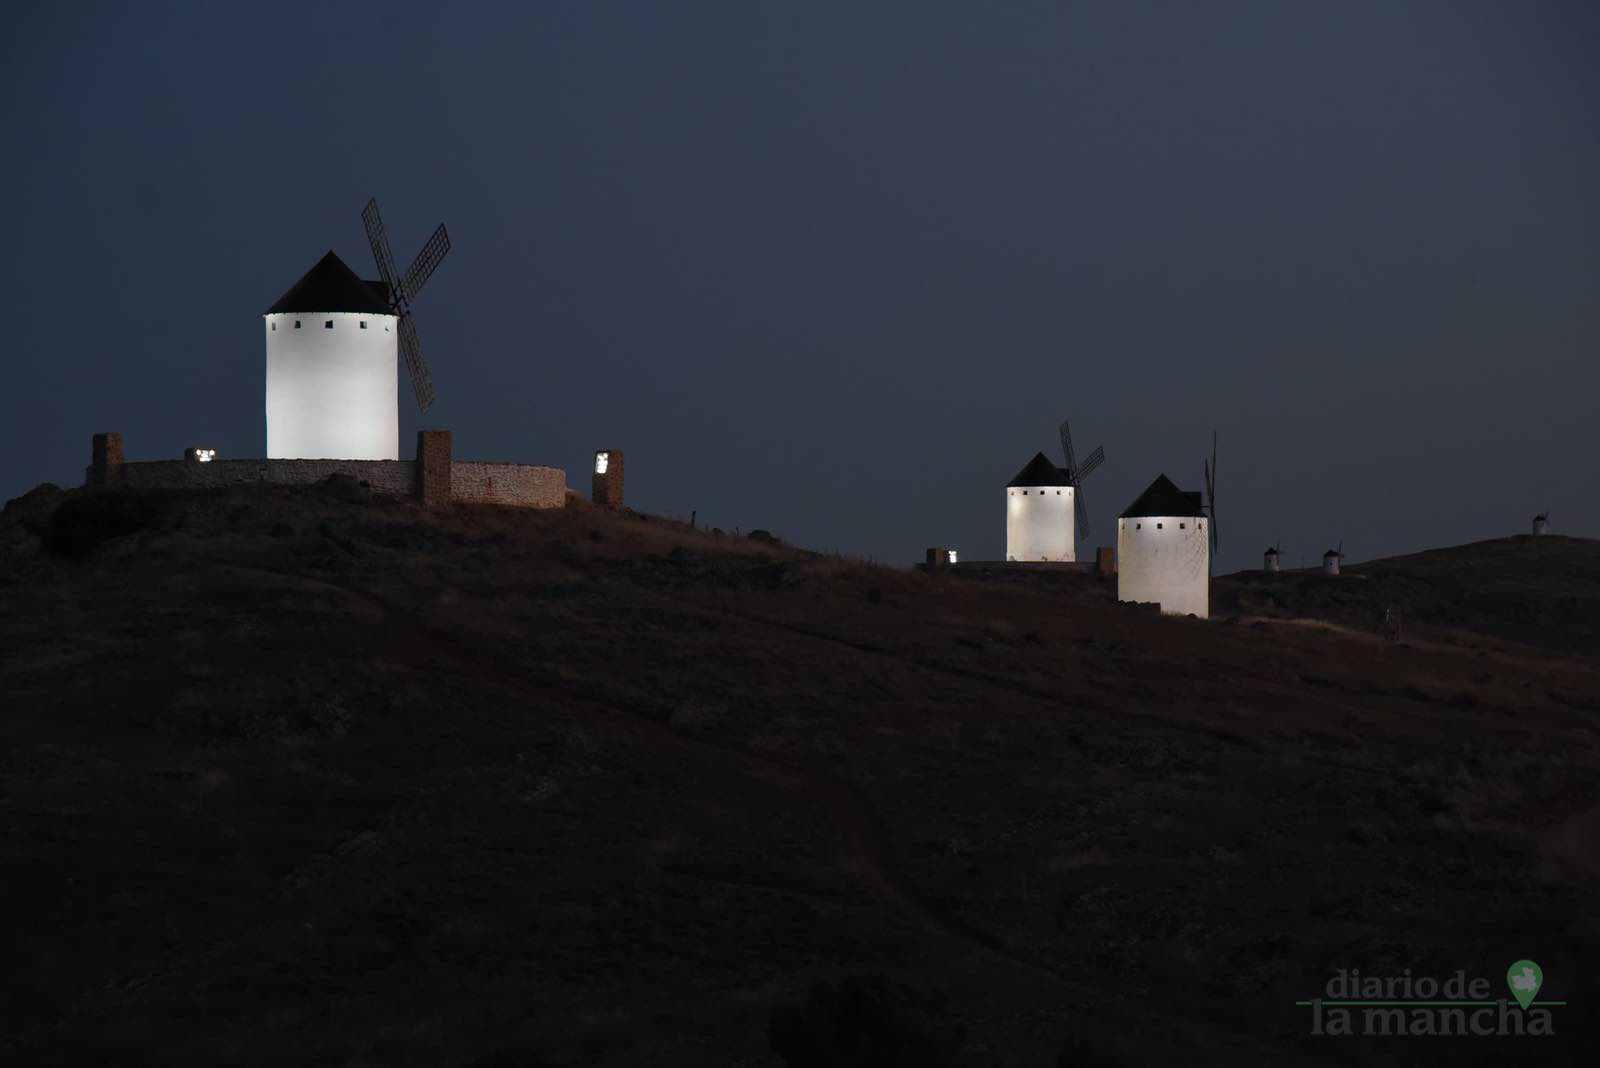 inauguracion iluminacion molinos herencia 16 - Herencia en el concurso para elegir El Pueblo más bonito de Castilla-La Mancha 2020